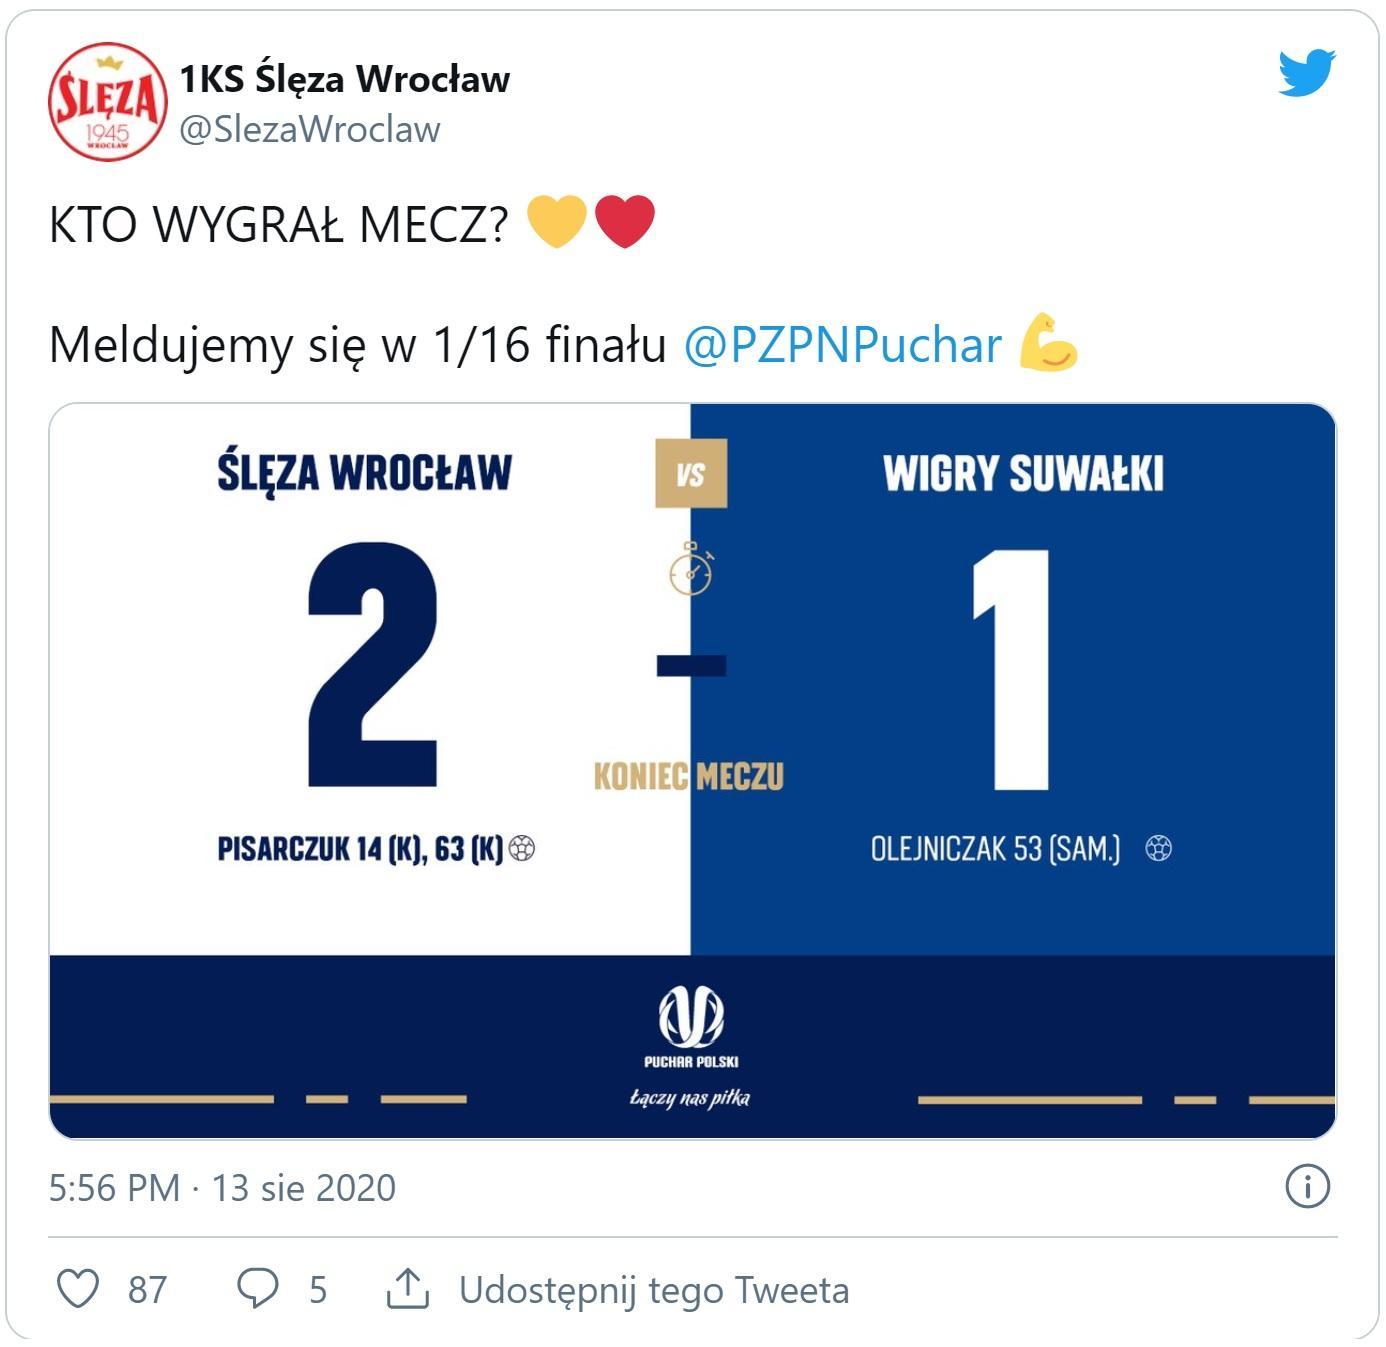 Ślęza Wrocław - Wigry Suwałki 2:1 (13.08.2020)